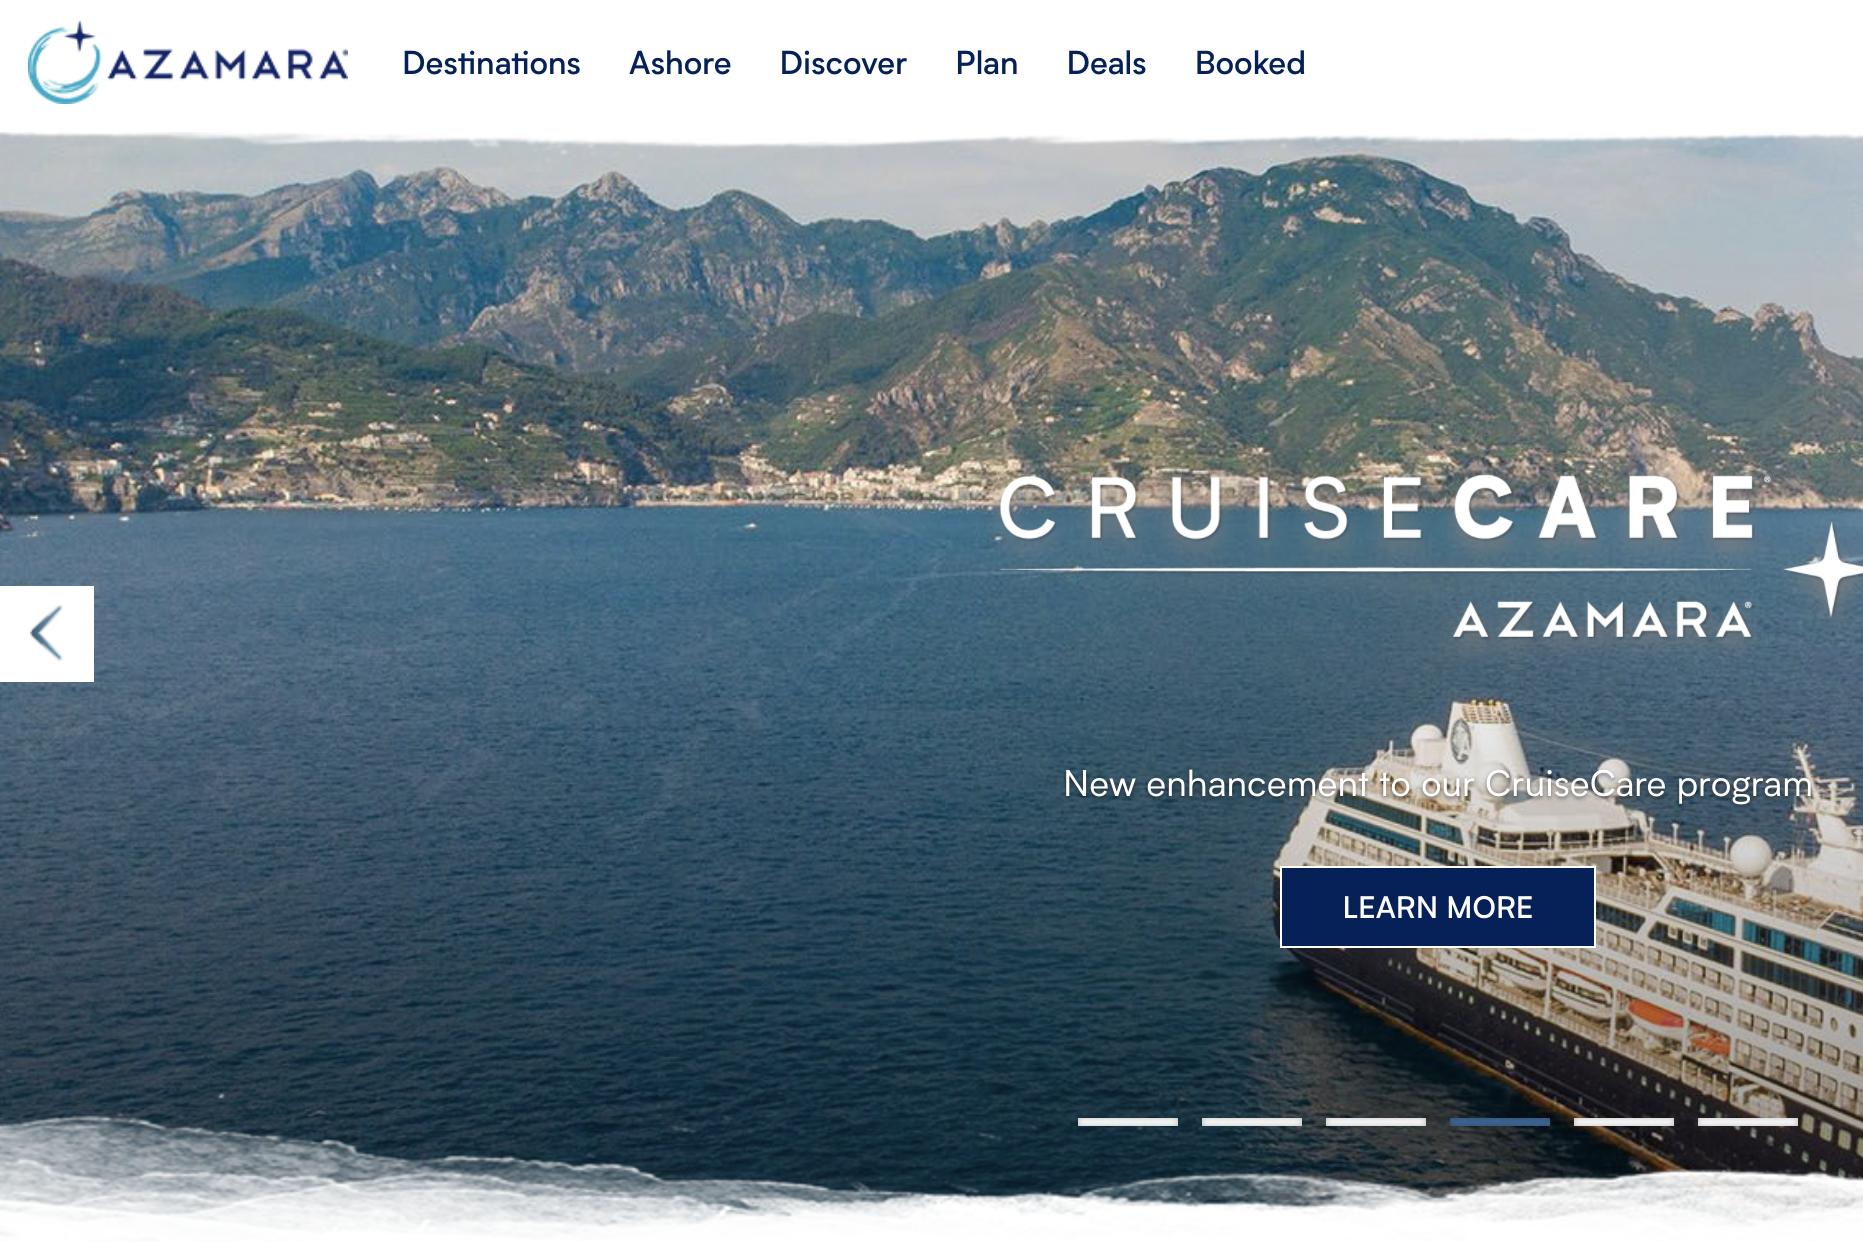 私募基金 Sycamore 以2.01亿美元收购皇家加勒比邮轮集团旗下高端邮轮品牌 Azamara